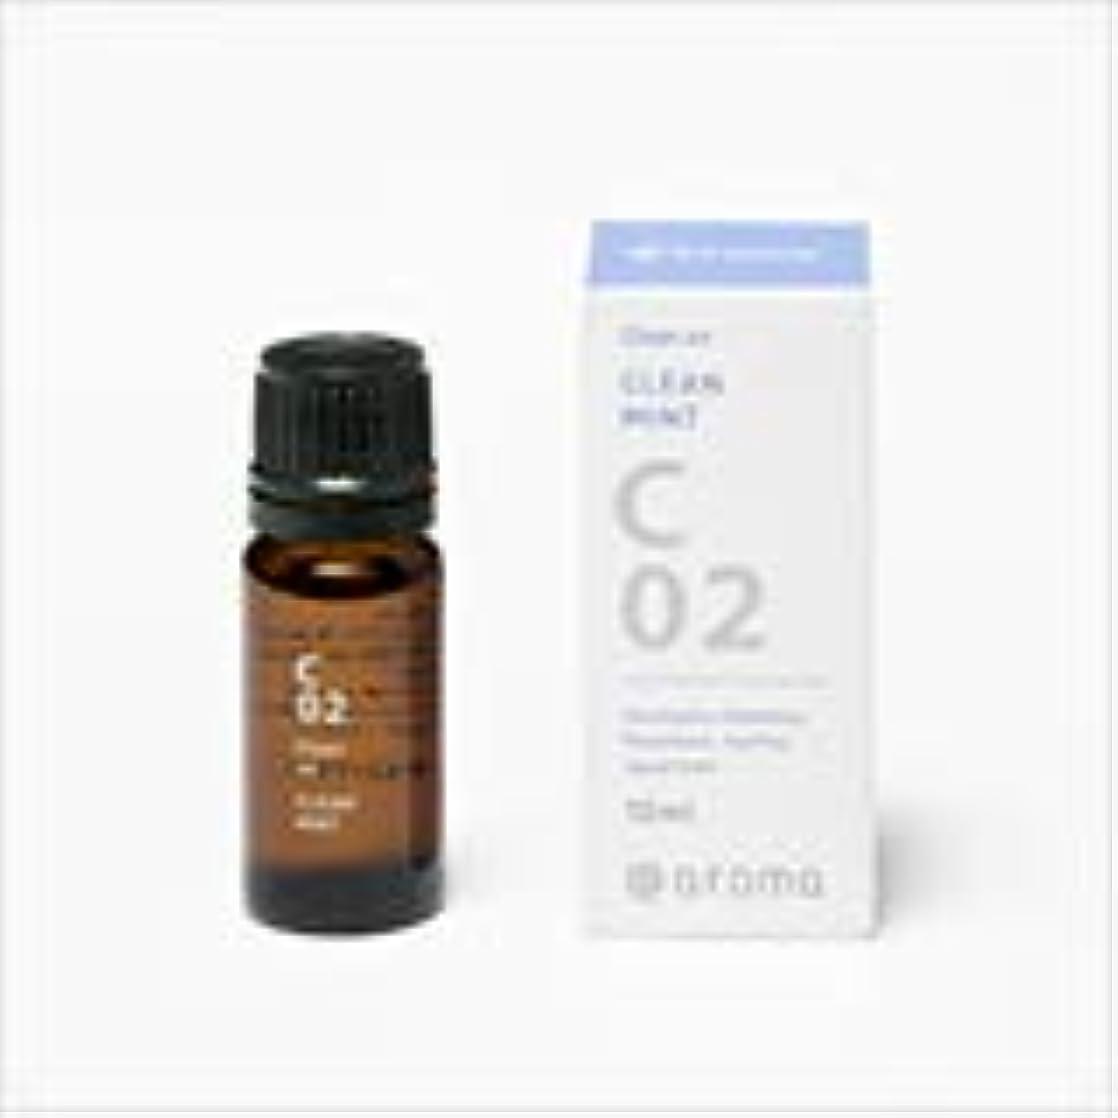 副組み込むひねりアットアロマ 100%pure essential oil <Clean air ウォームフィール>